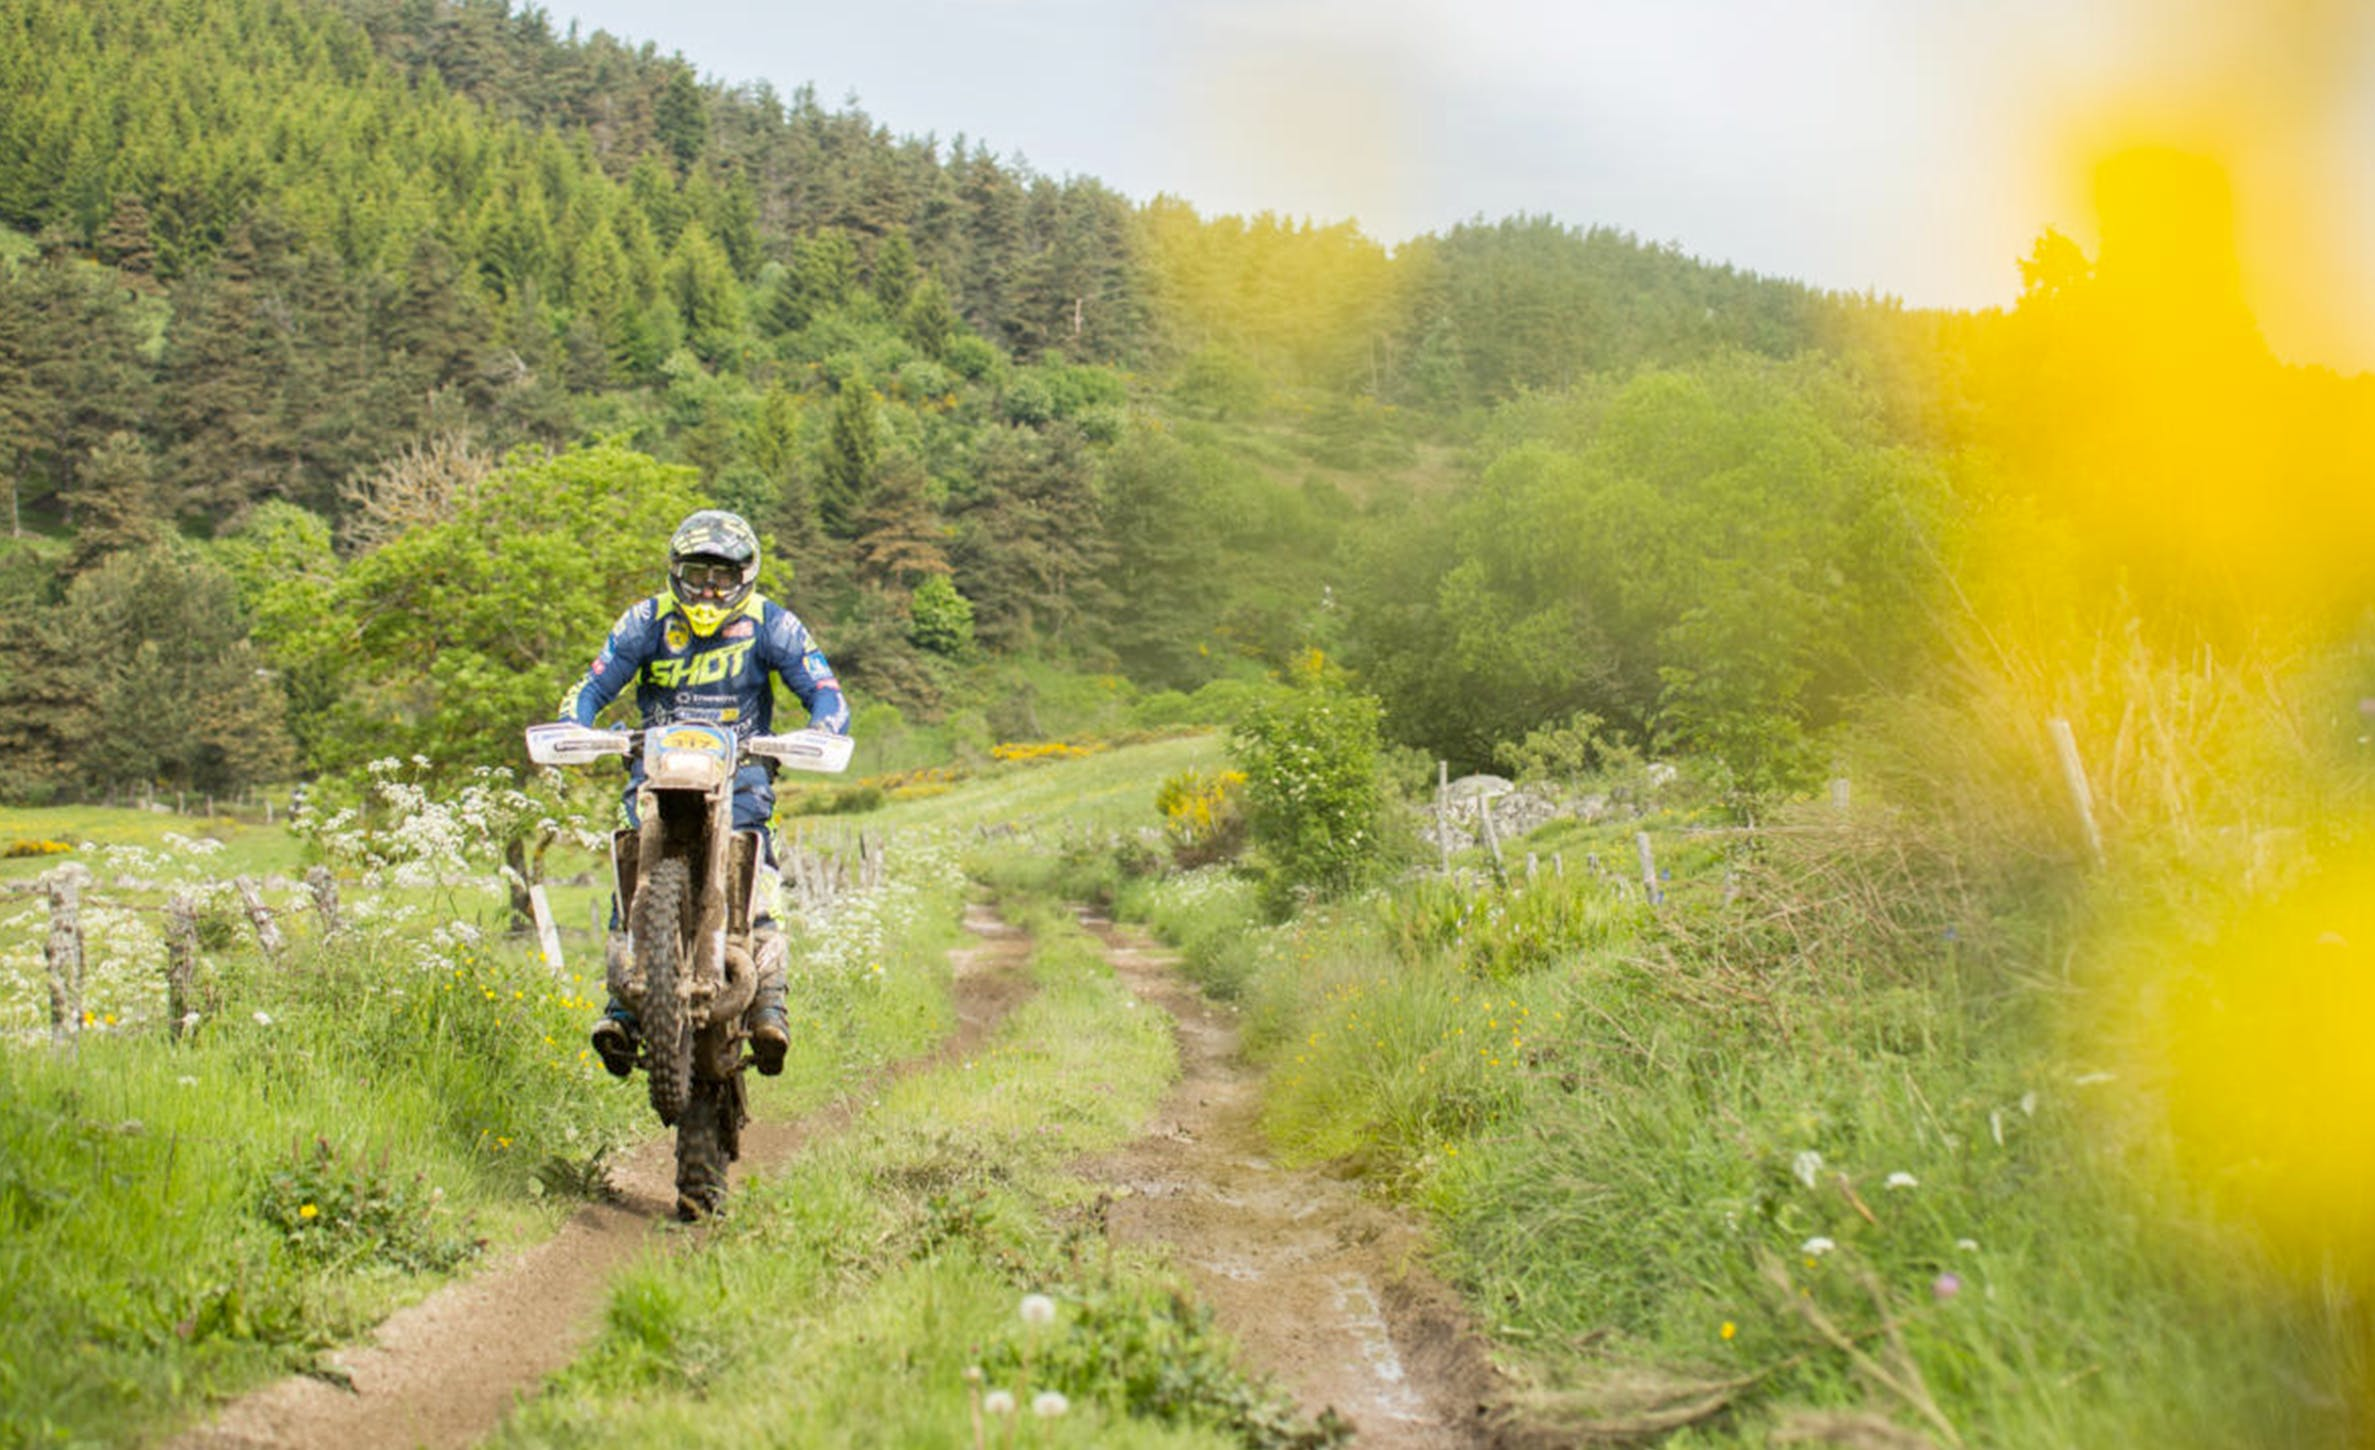 Motocross en roue arrière sur un chemin de campagne